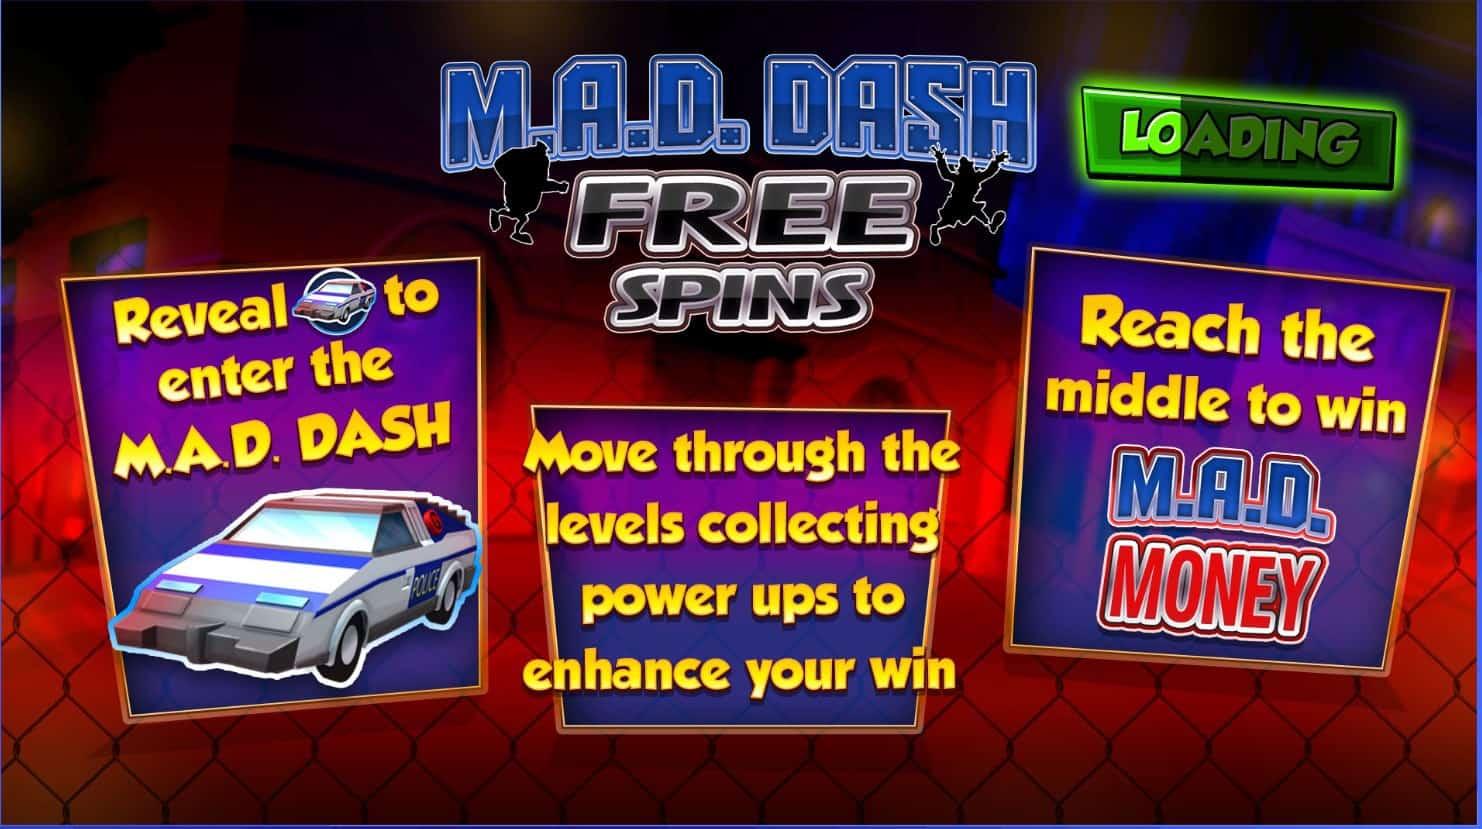 Blue print - inspector gadget - M.A.D Dash Free Spins- casinogroundsdotcom